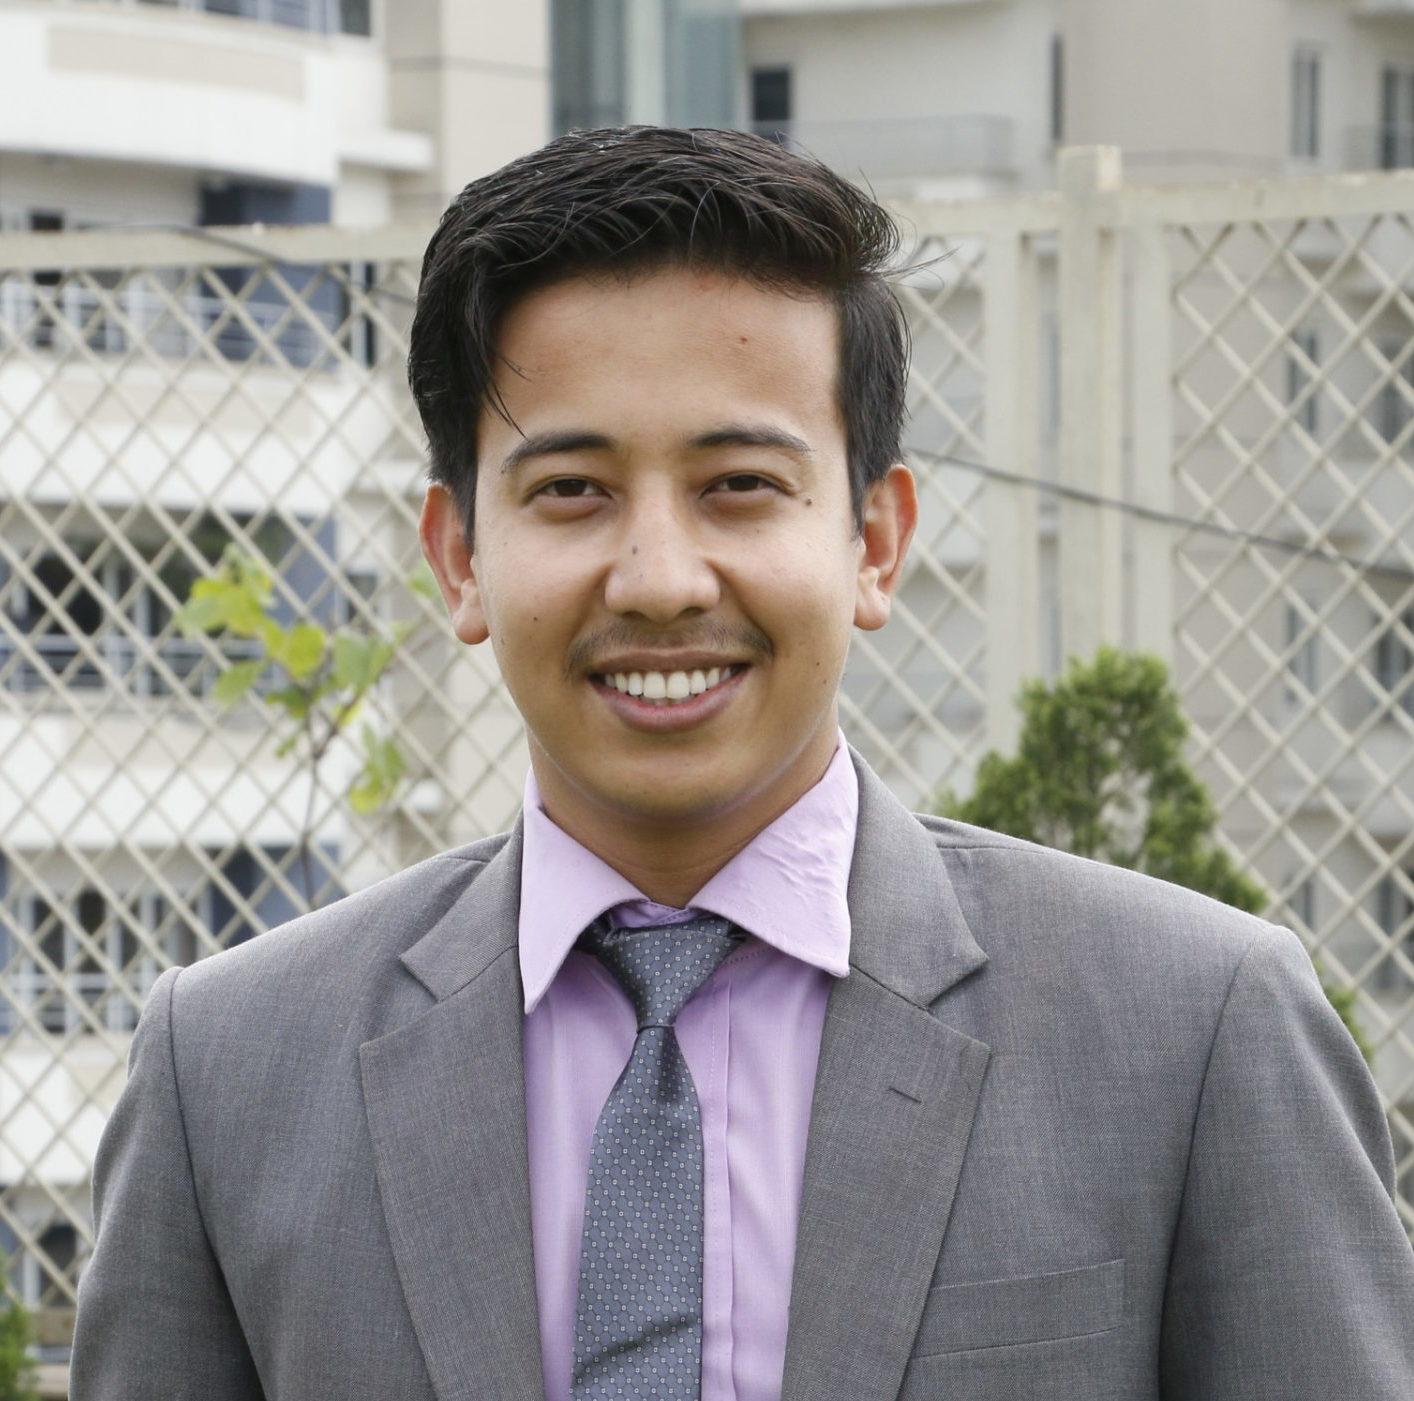 Sujit Thapa